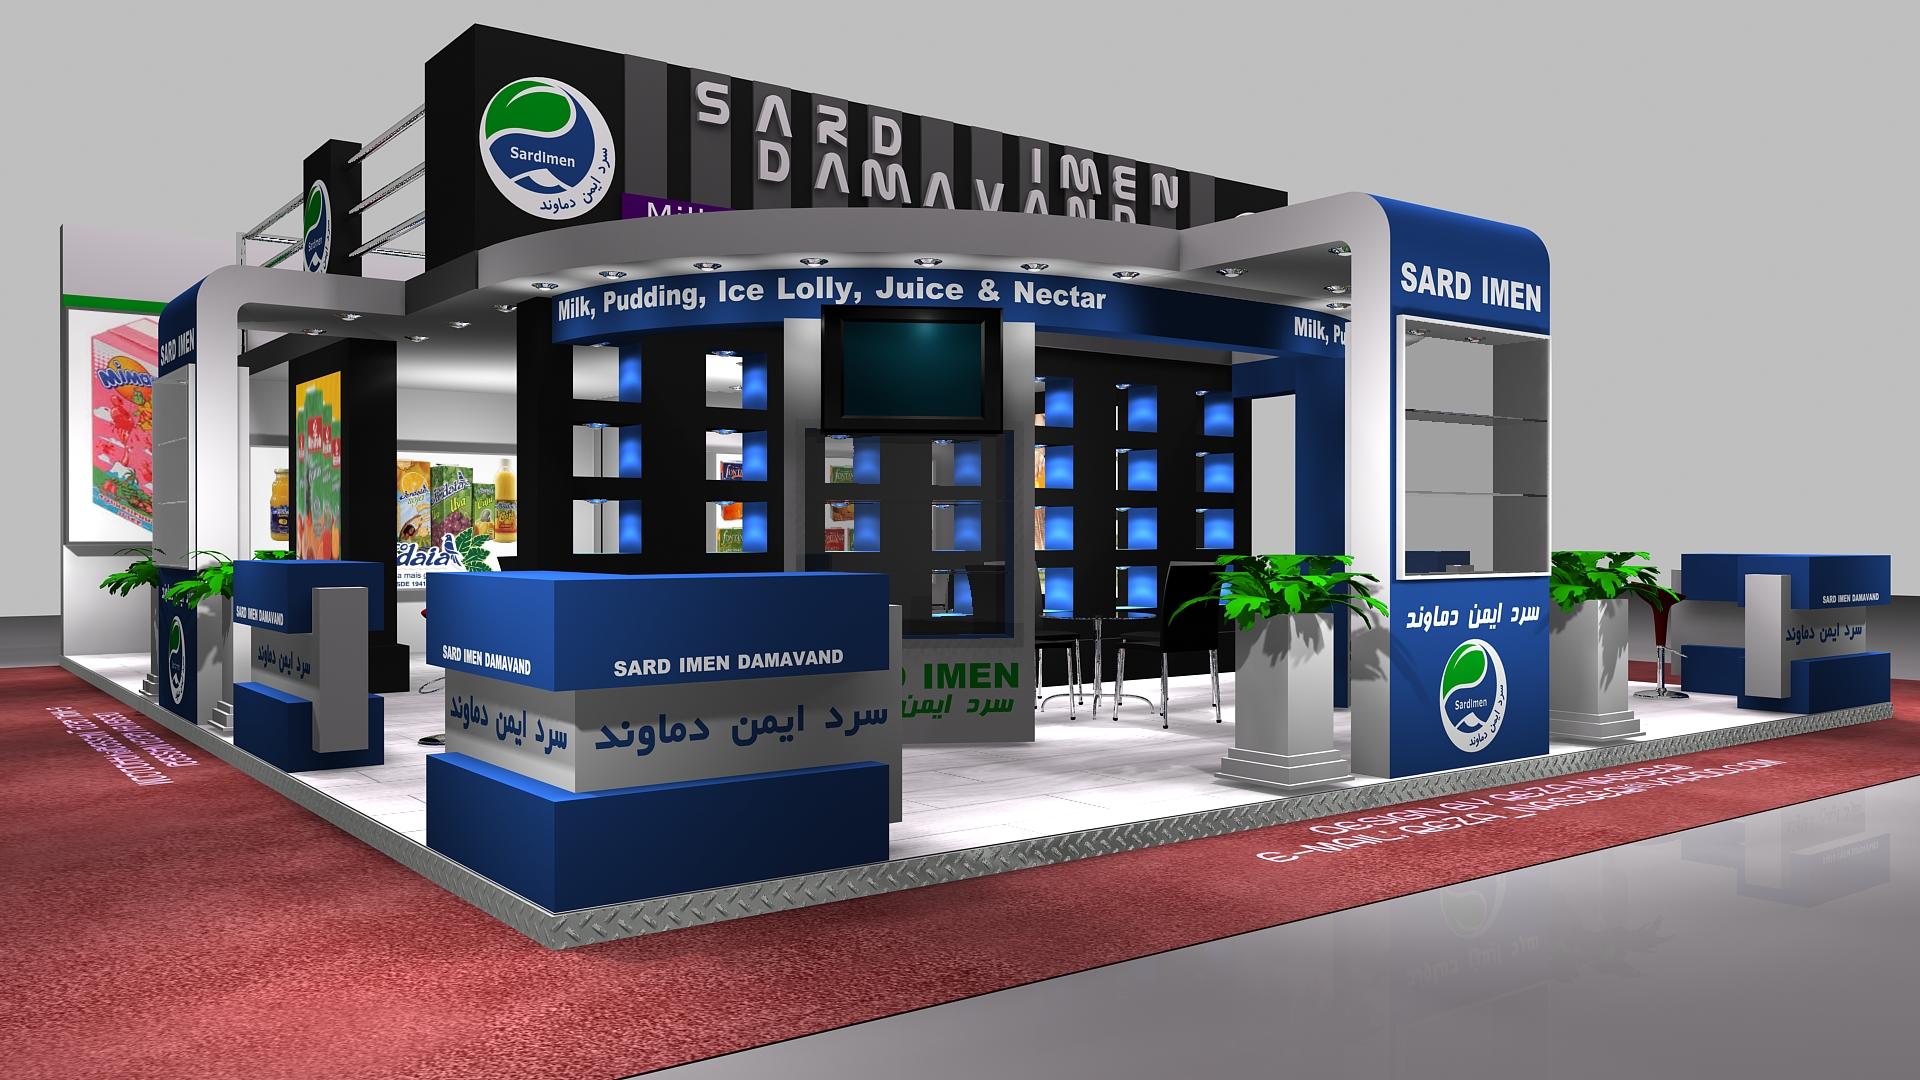 D Exhibition Stall Design : Sard imen damavand exhibition stall design b by